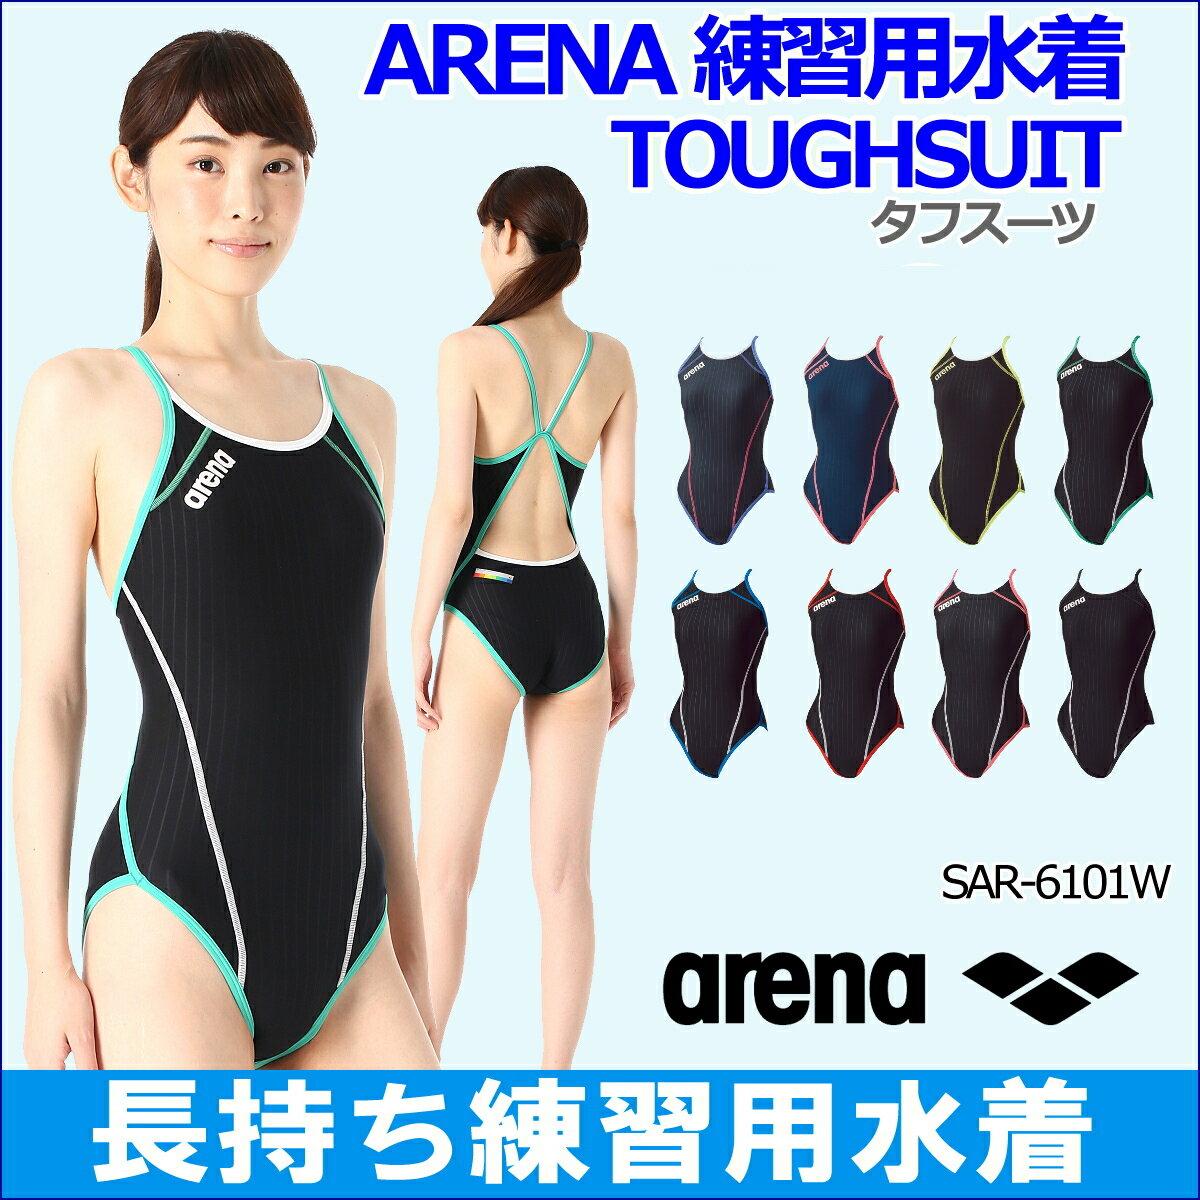 arena アリーナ 競泳練習用水着 レディース スイムウェア スイミング スーパーフライバック タフスーツ タフスキンストライプ SAR-6101W